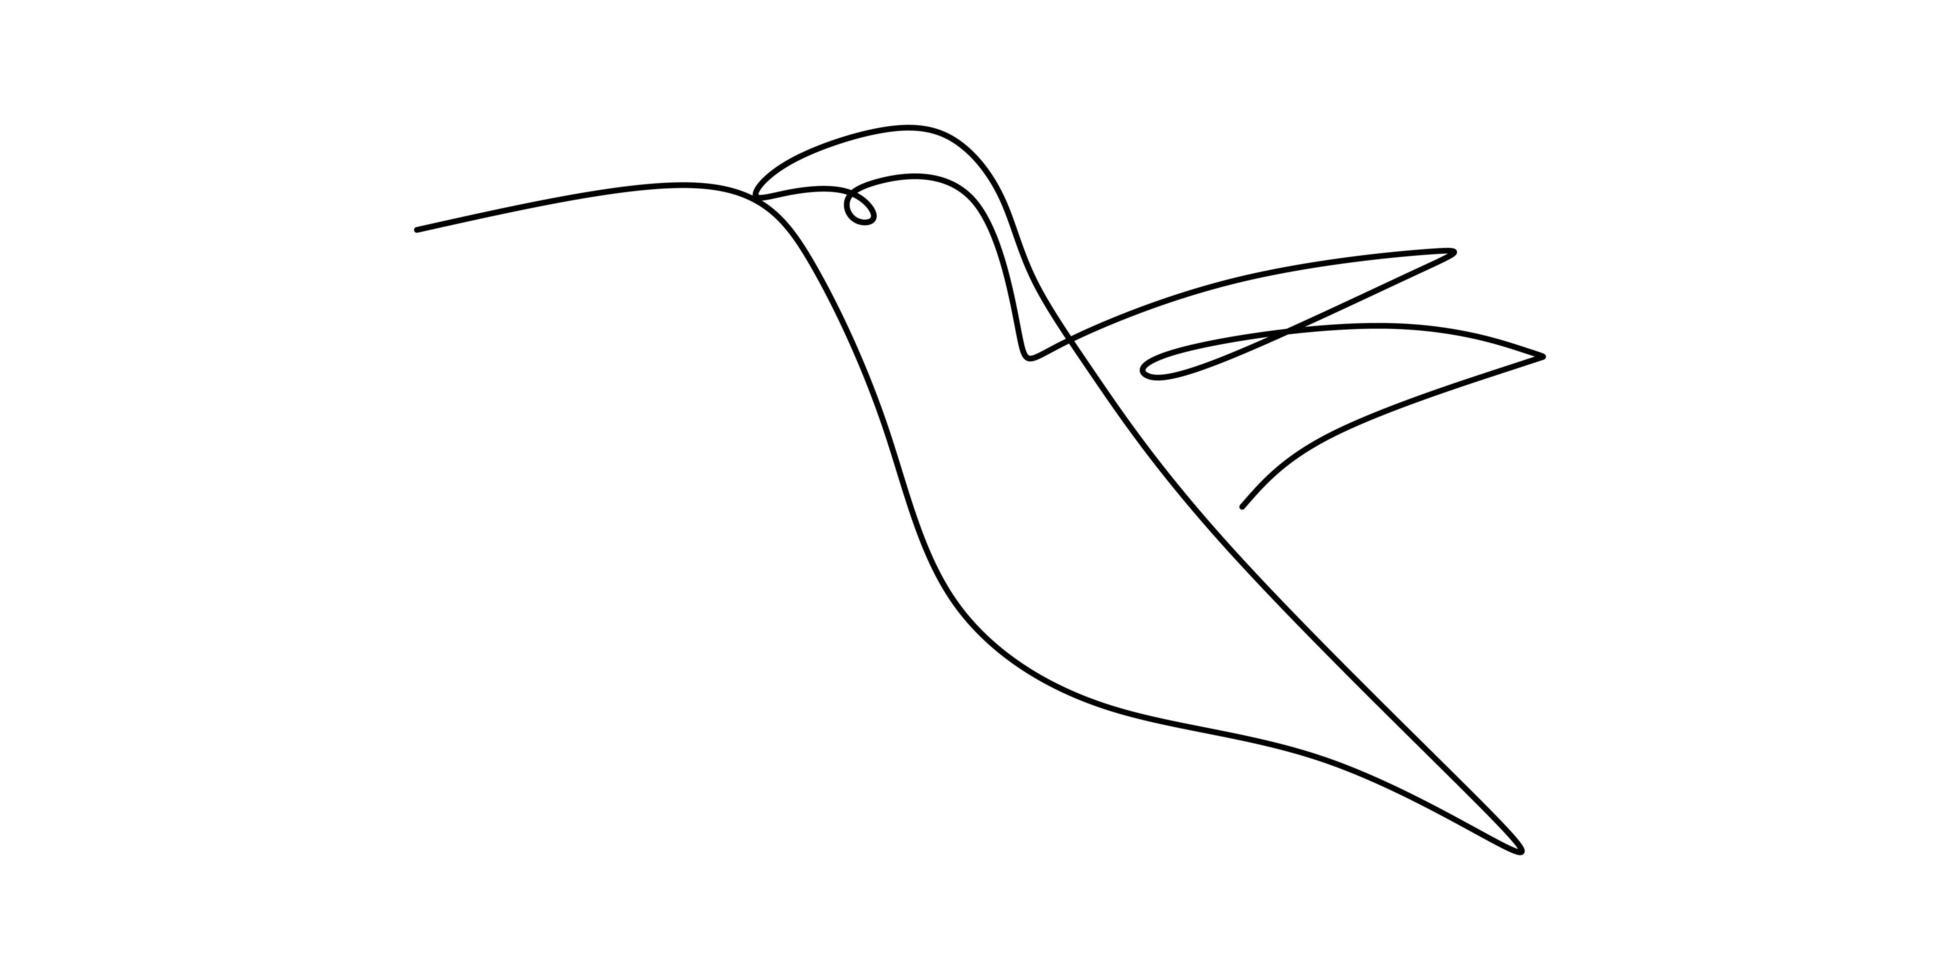 un dessin au trait continu de mignon colibri. oiseau tropical dessiné à la main. vecteur